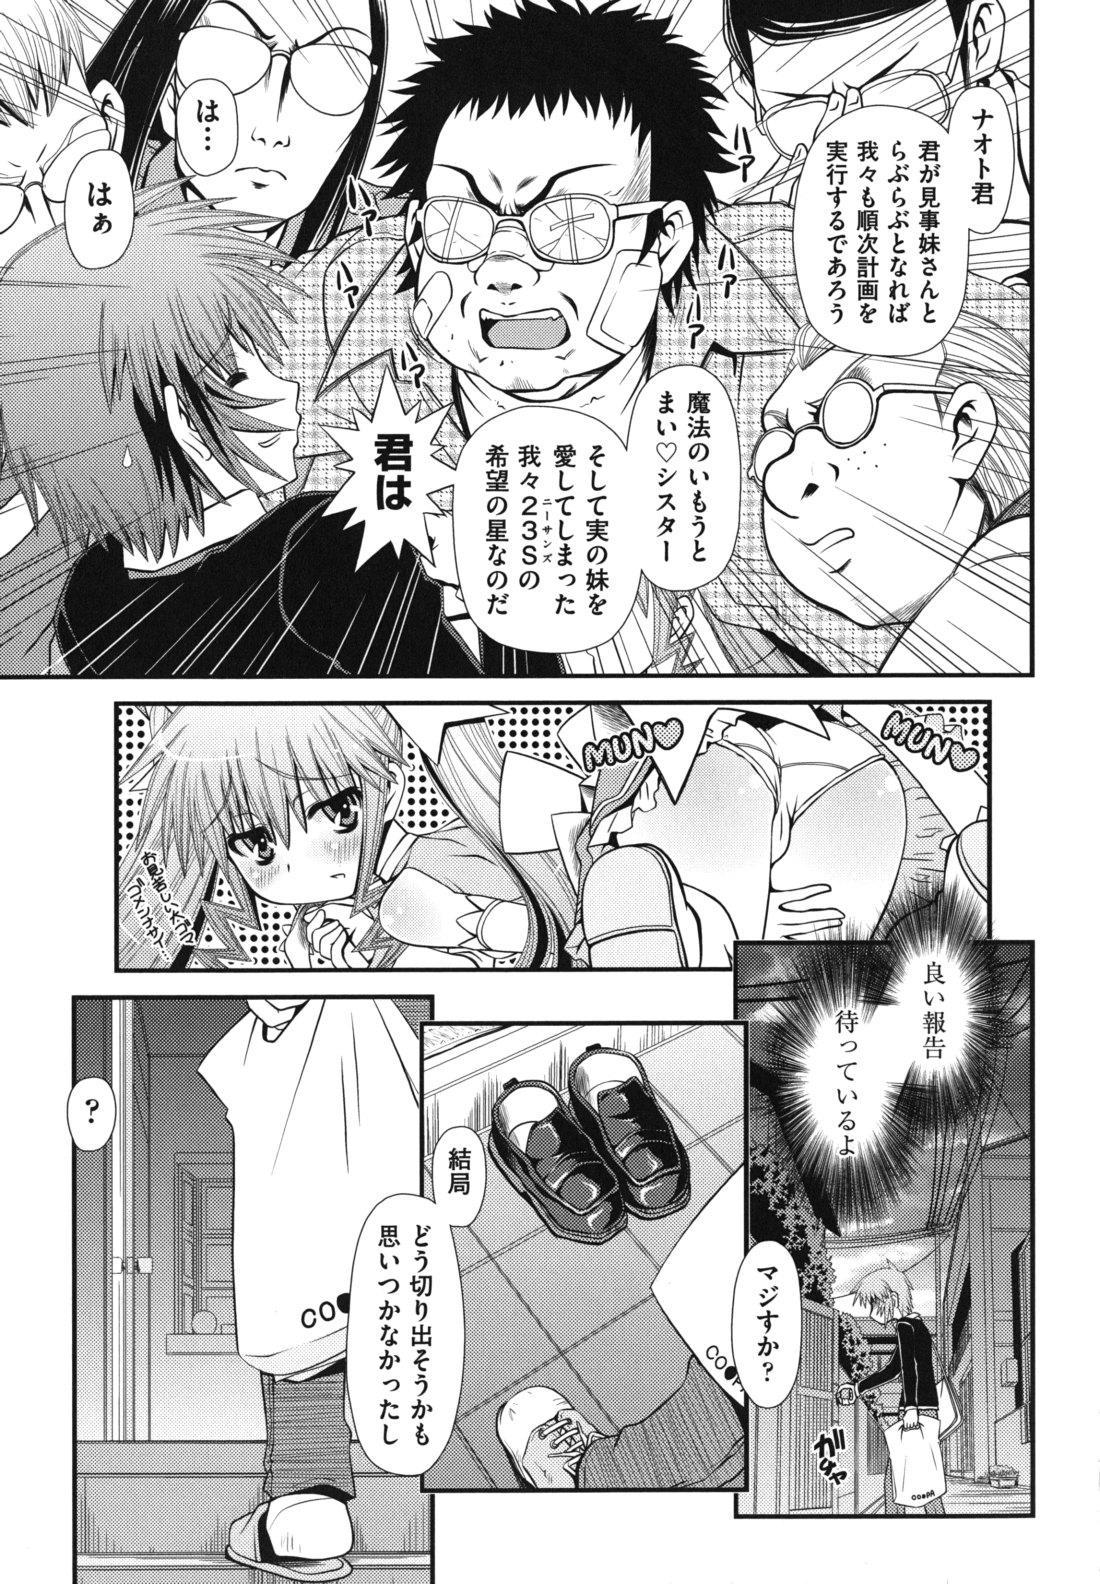 Twintail de Kneesocks no Onnanoko tachi ga Kyakkya de Ufufu♥ 33